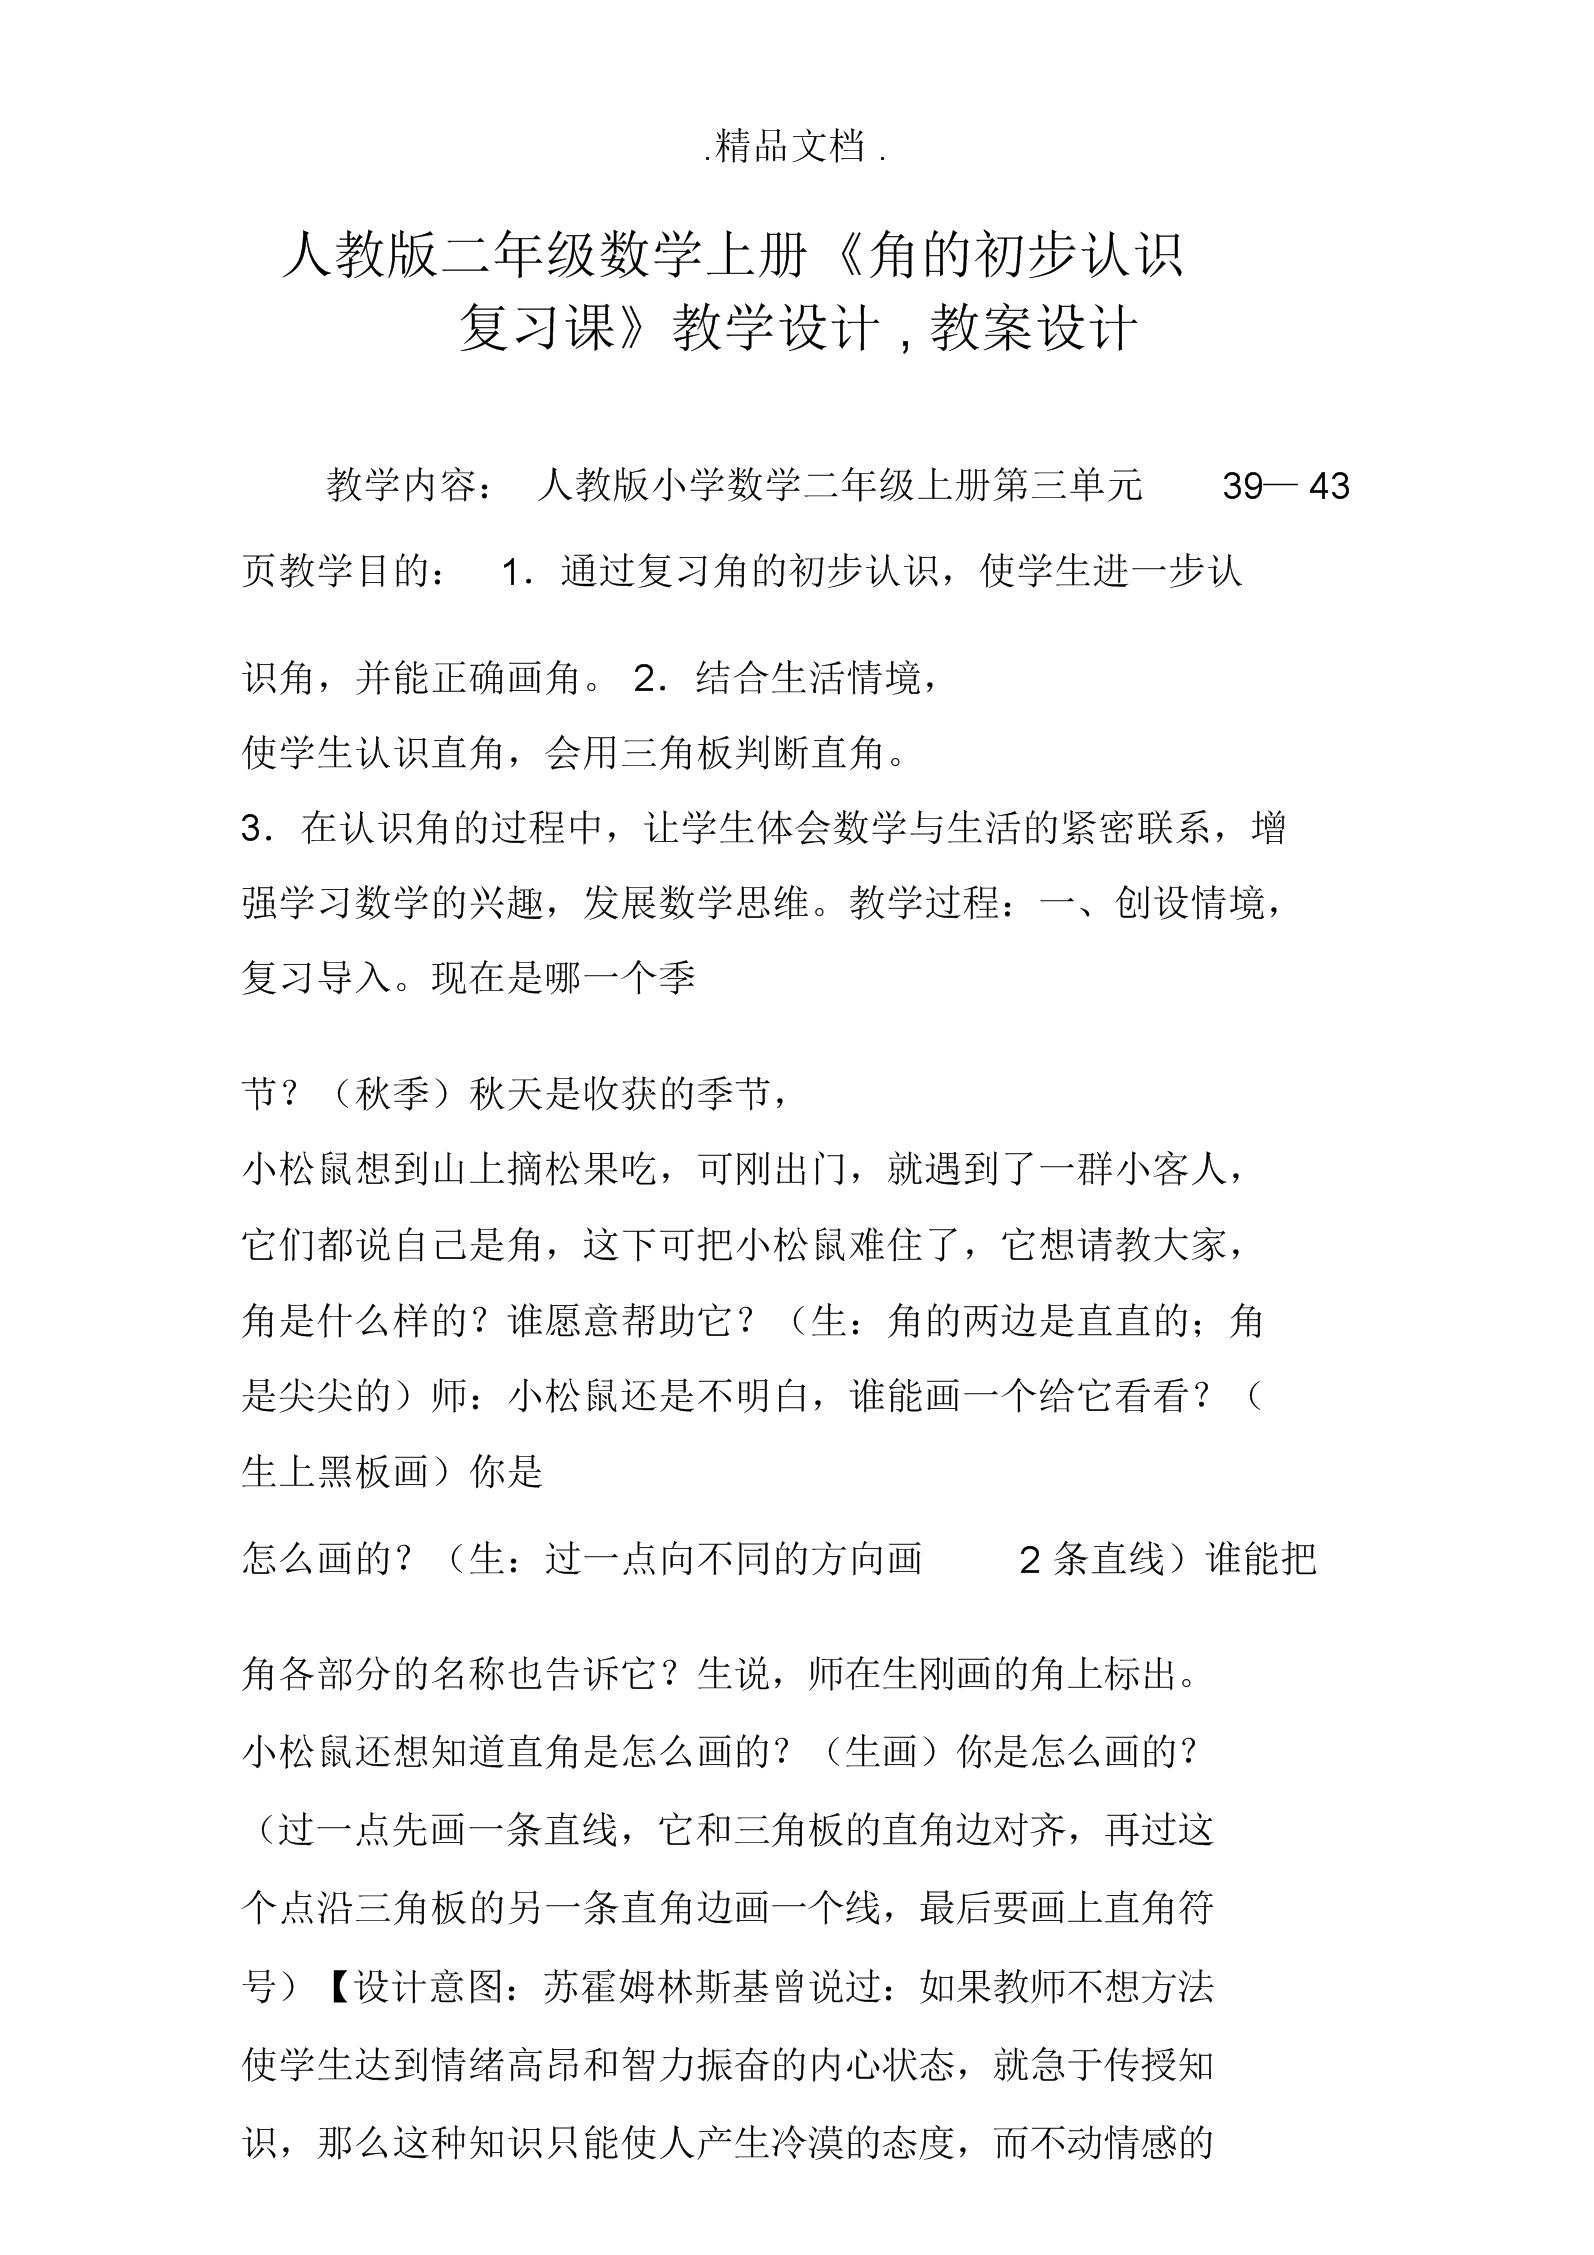 (完整版)人教版二年级数学上册《角的初步认识复习课》教学设计,教案设计.doc